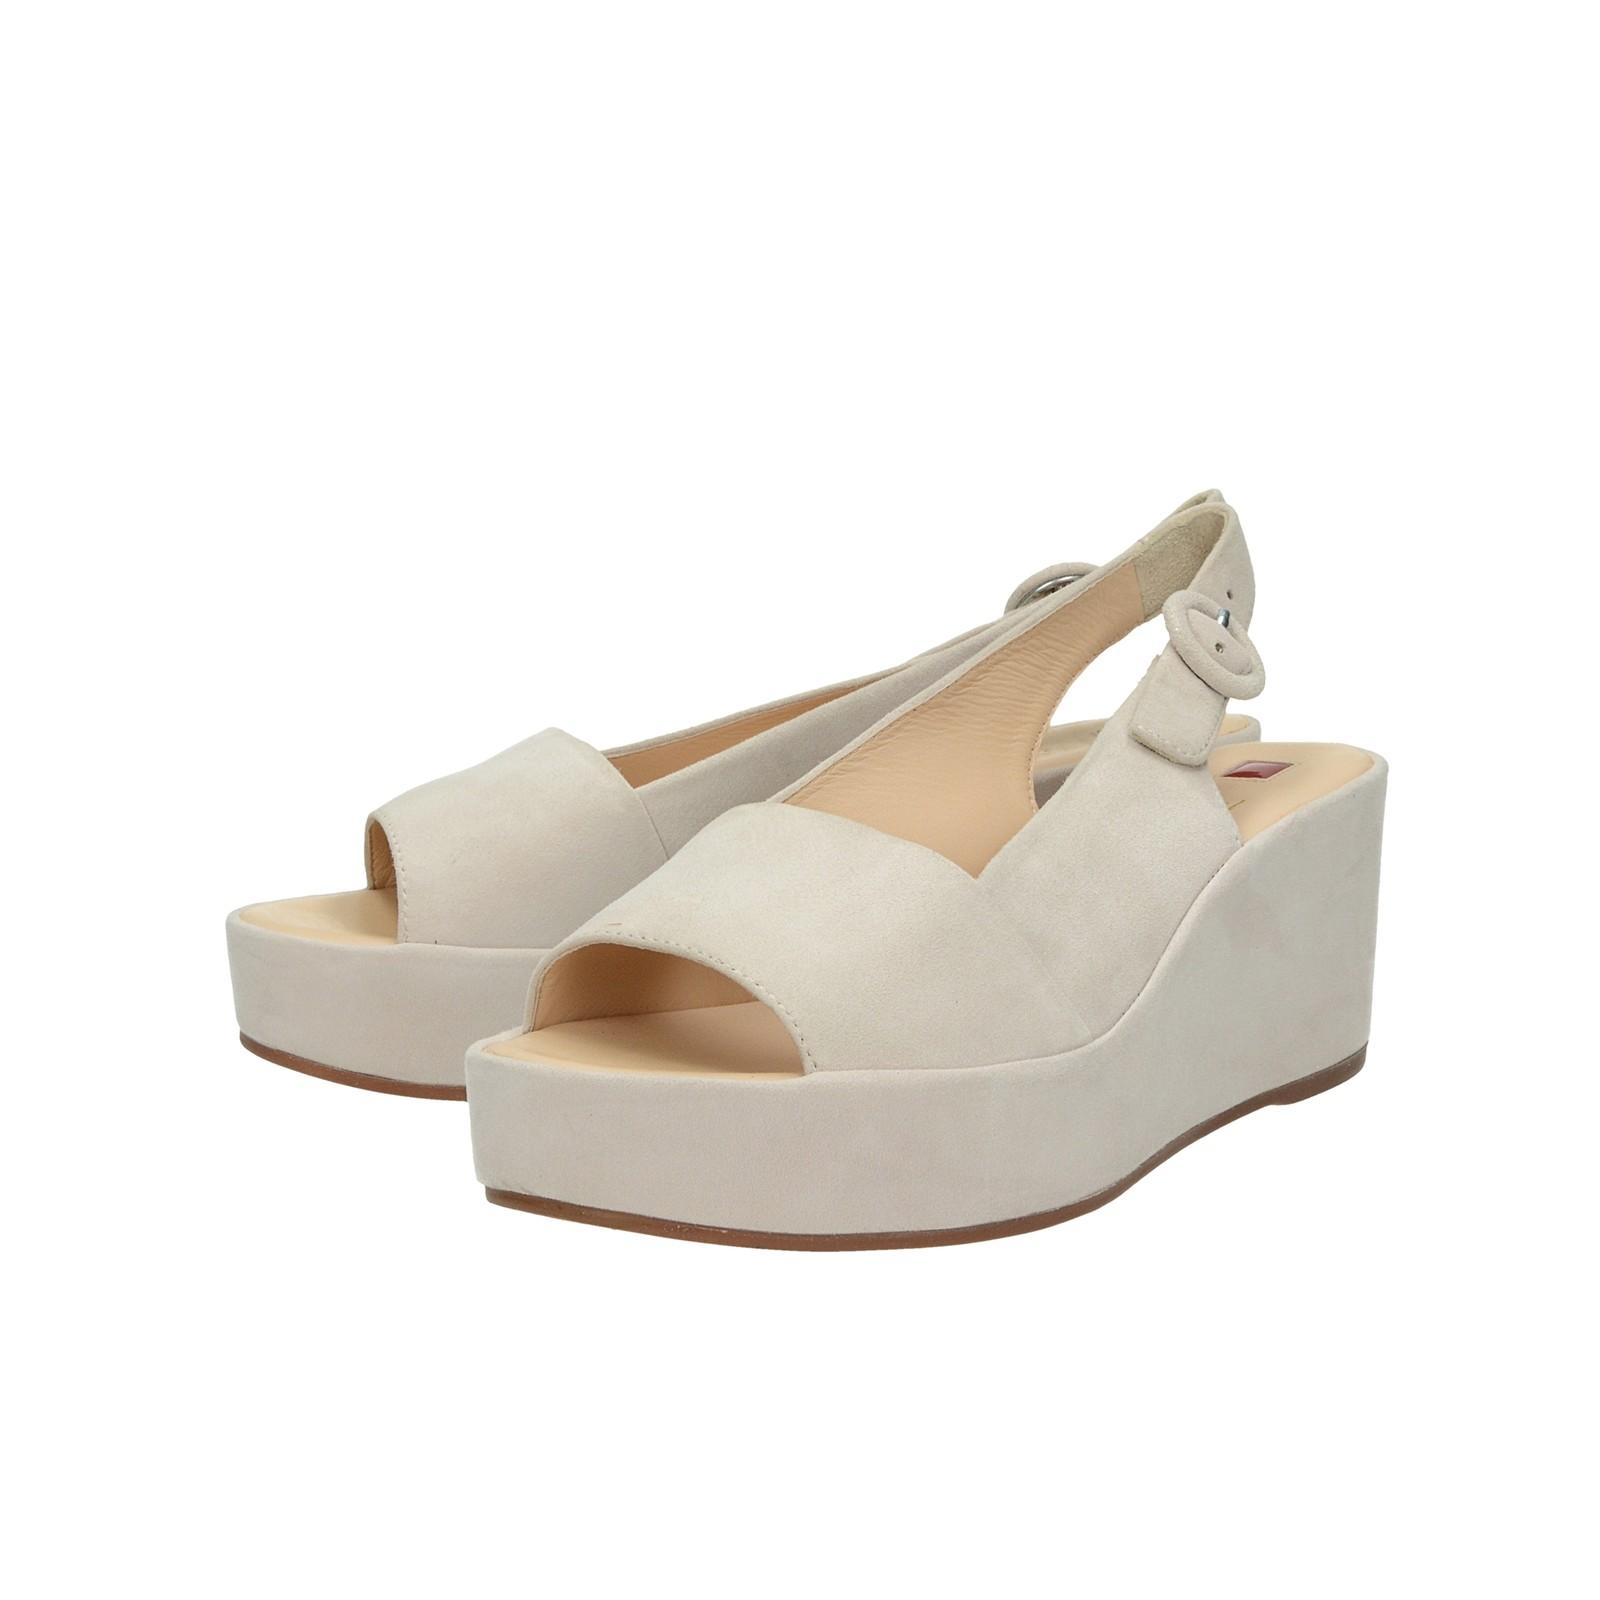 1ea949416e0d Högl dámske semišové sandále na klinovej podrážke - ružové ...